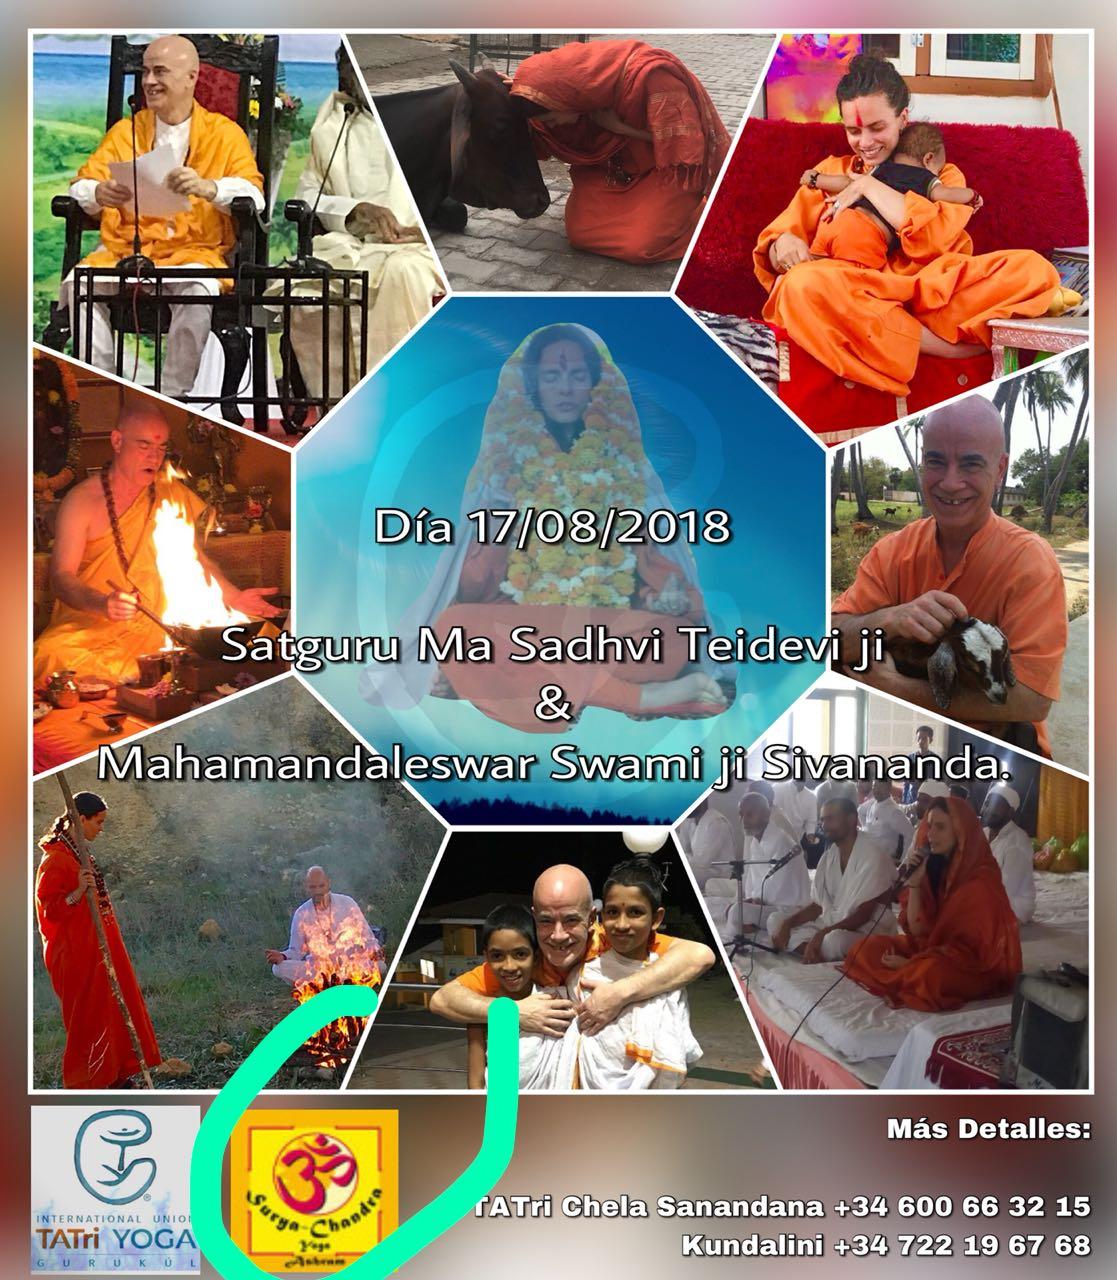 Satguru MA Sadhvi Tridevi Ji & Mahamandaleswar Swamiji Sivananda